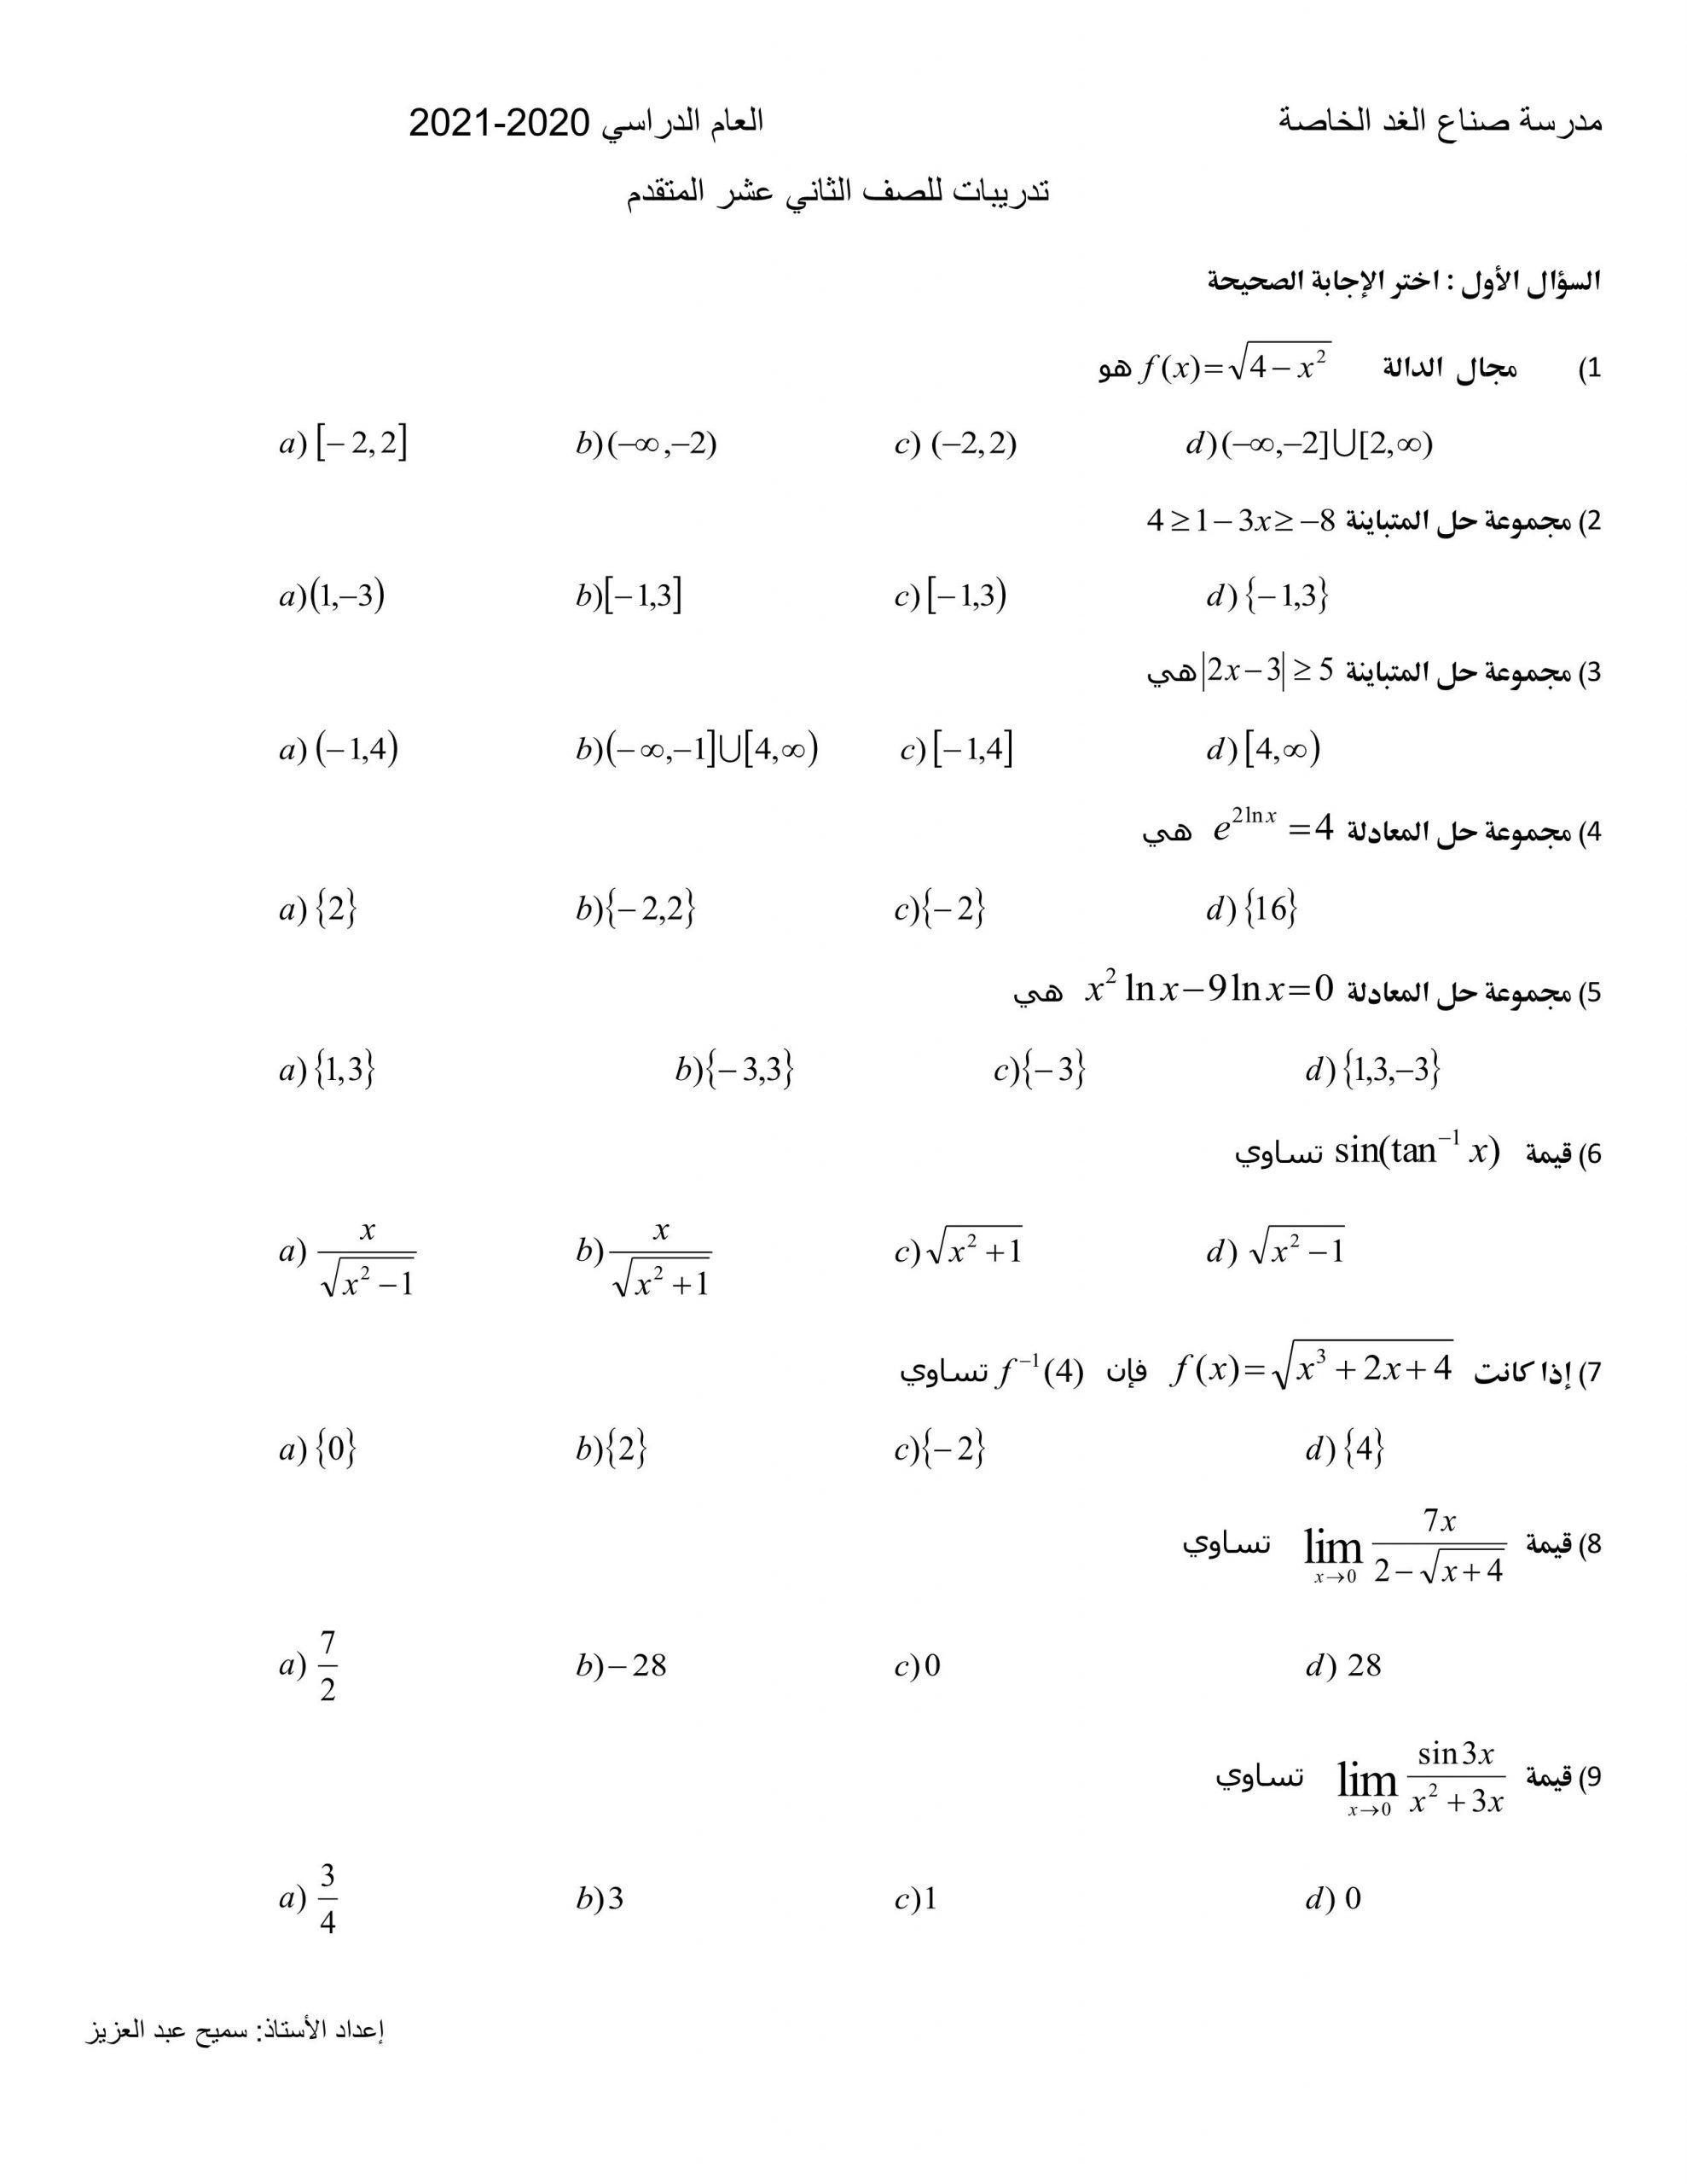 اوراق عمل وتدريبات متنوعة للصف الثاني عشر متقدم مادة الرياضيات المتكاملة Sins Math Jizo